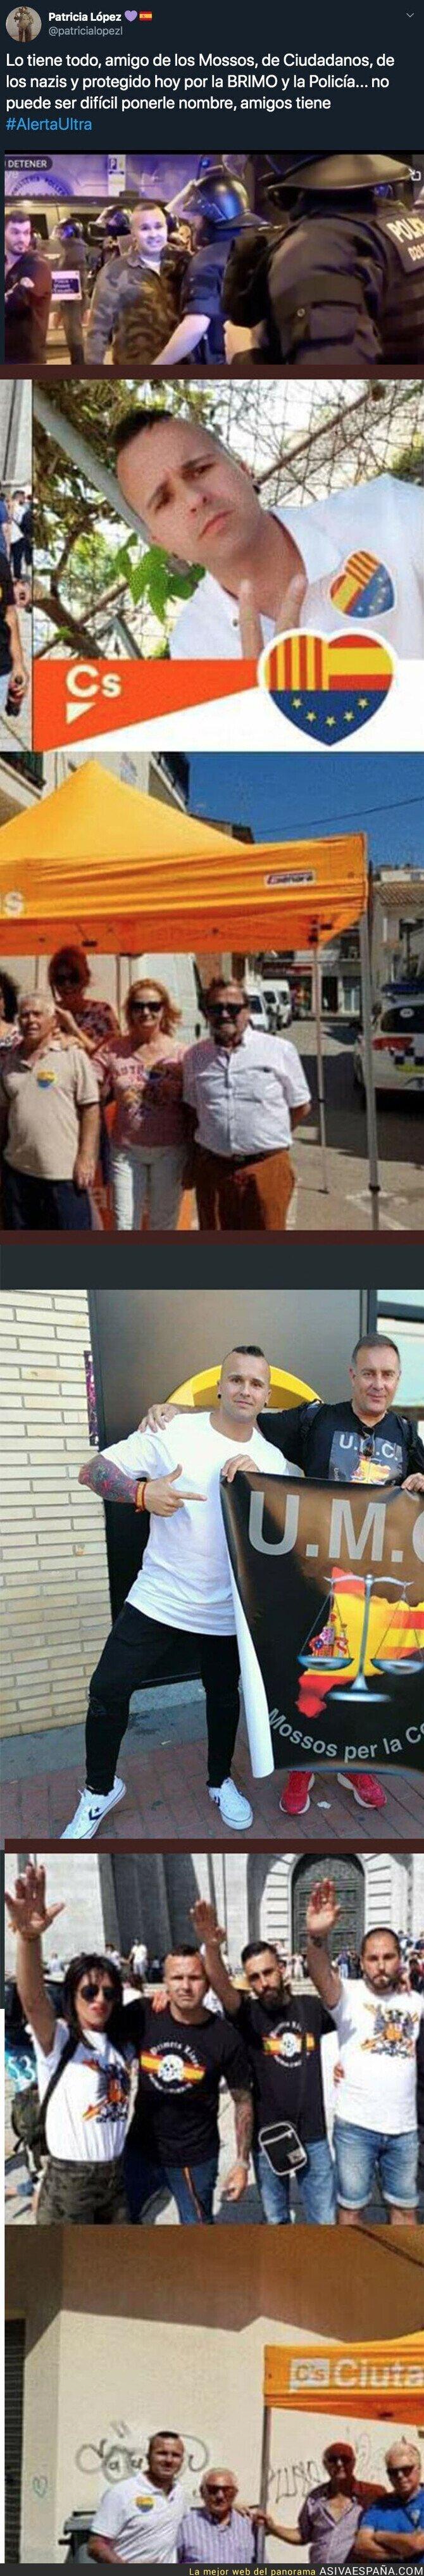 124352 - La amistad de los fascistas de Ciudadanos